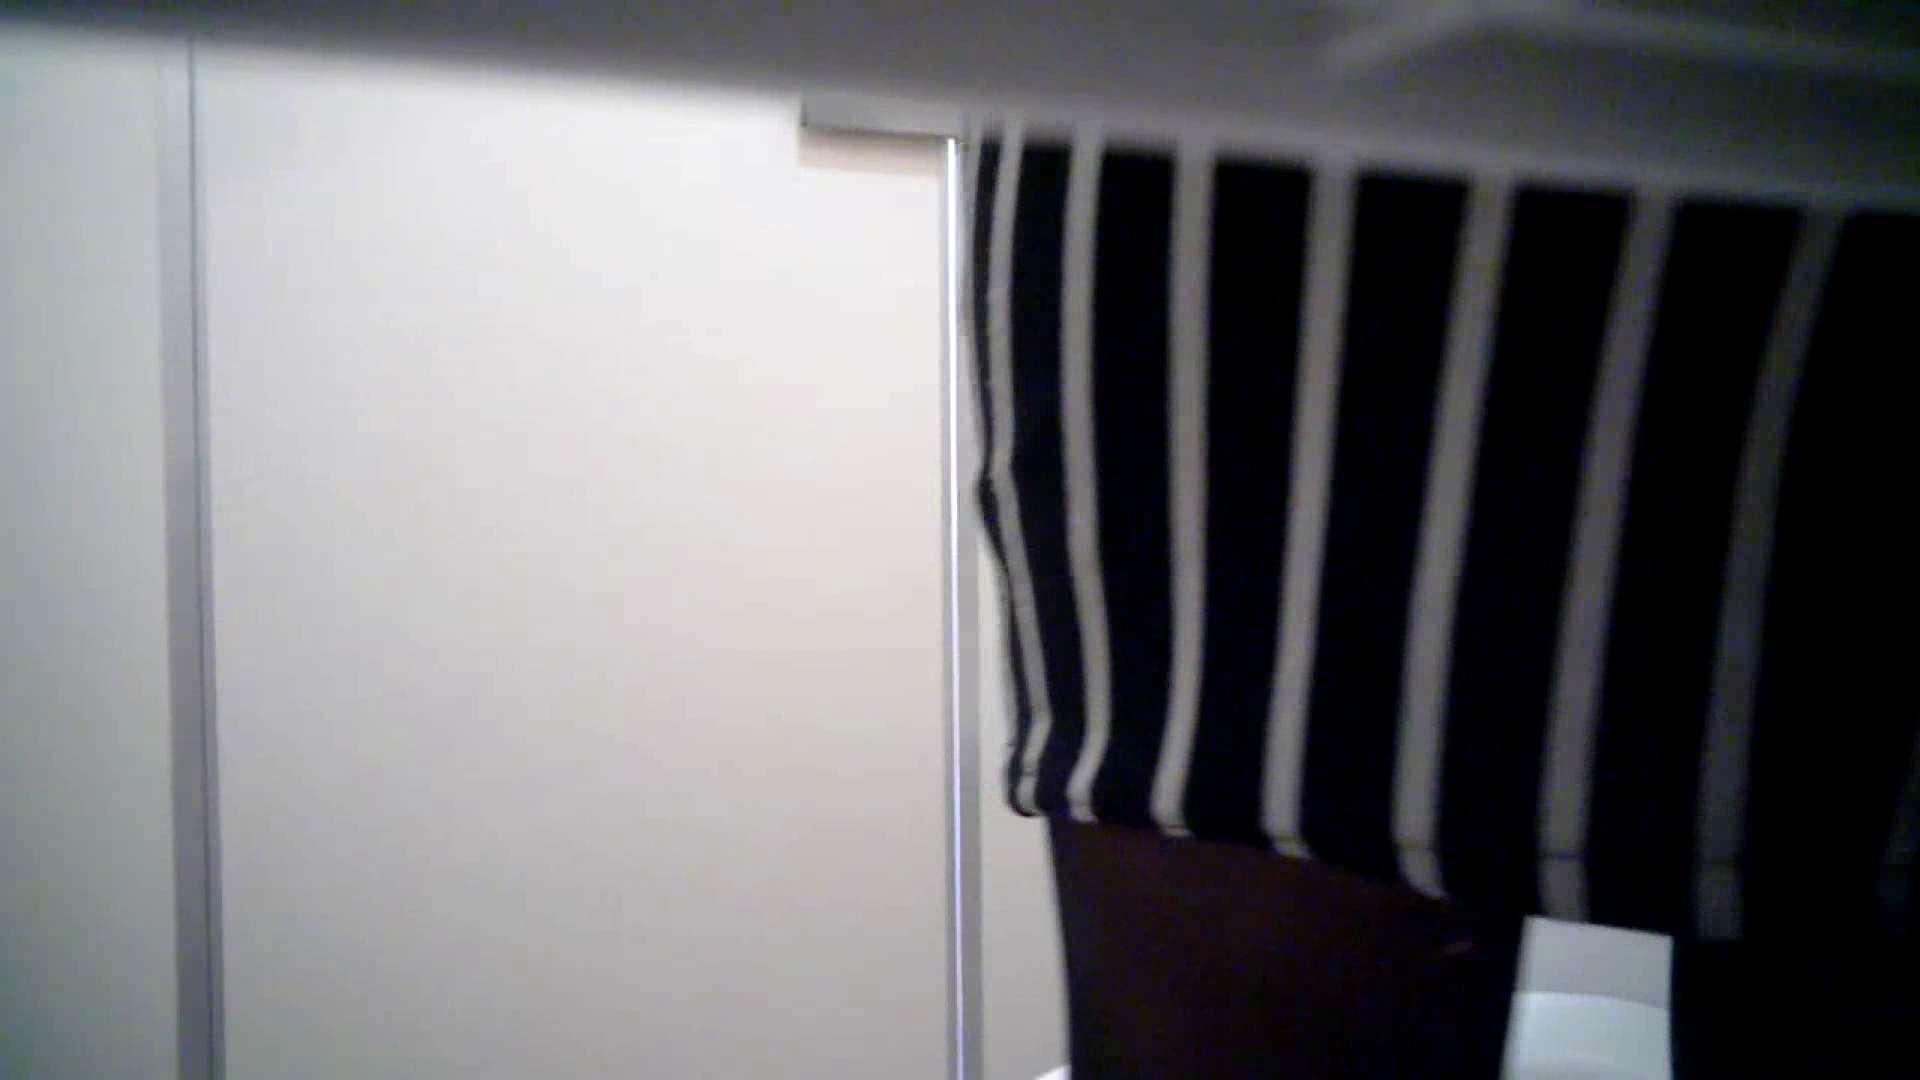 某有名大学女性洗面所 vol.26 和式 盗撮 107PIX 55